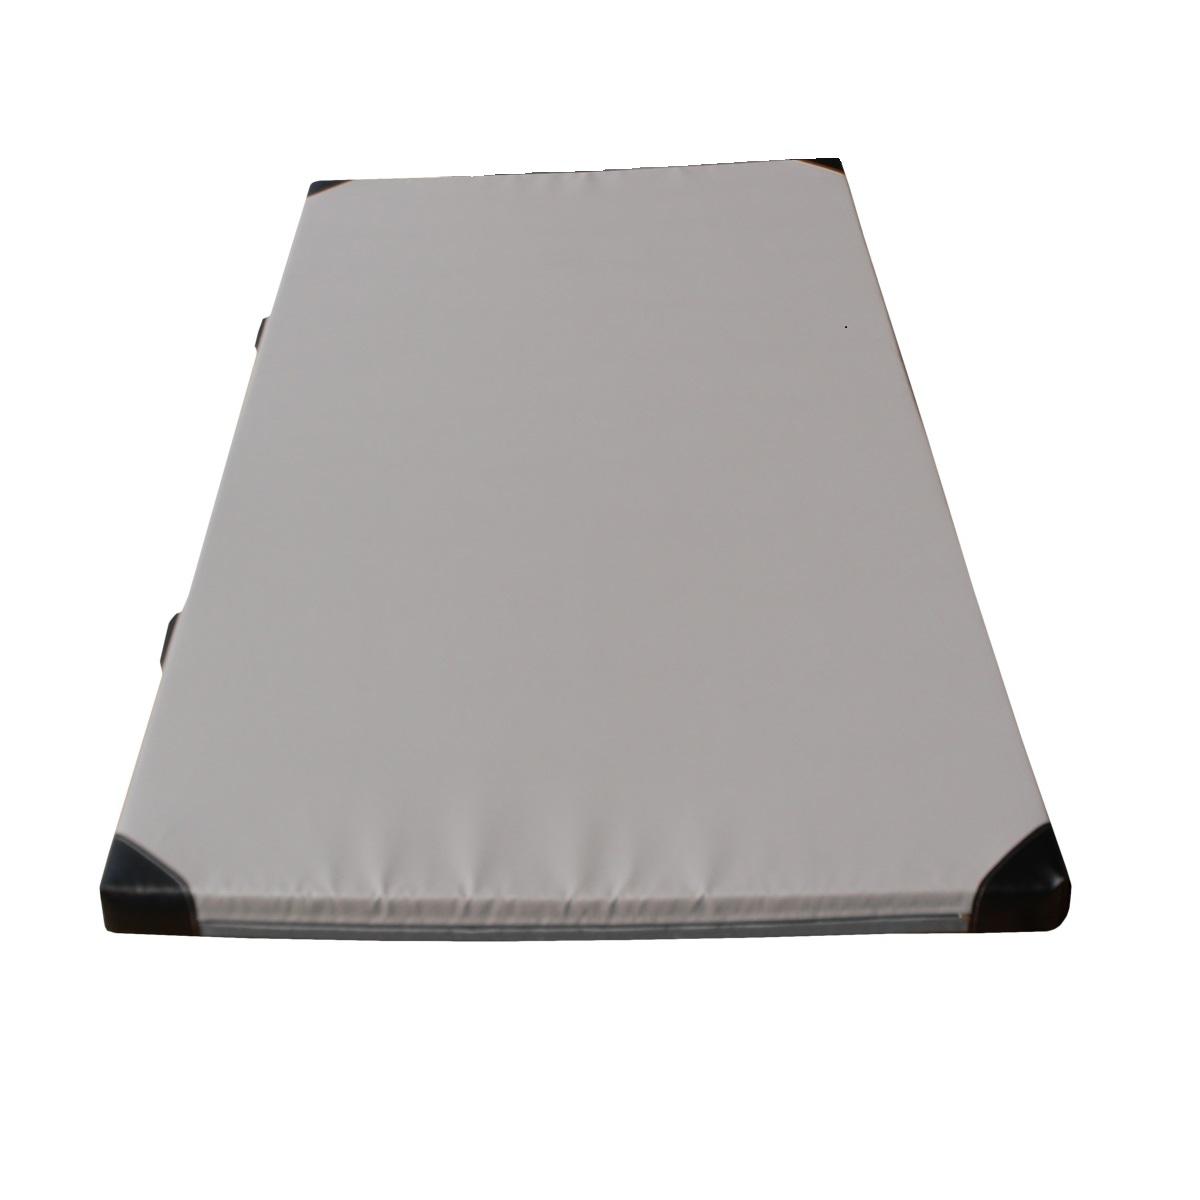 Žinenka MASTER Comfort Line R120 - 200 x 100 x 6 cm - sivá